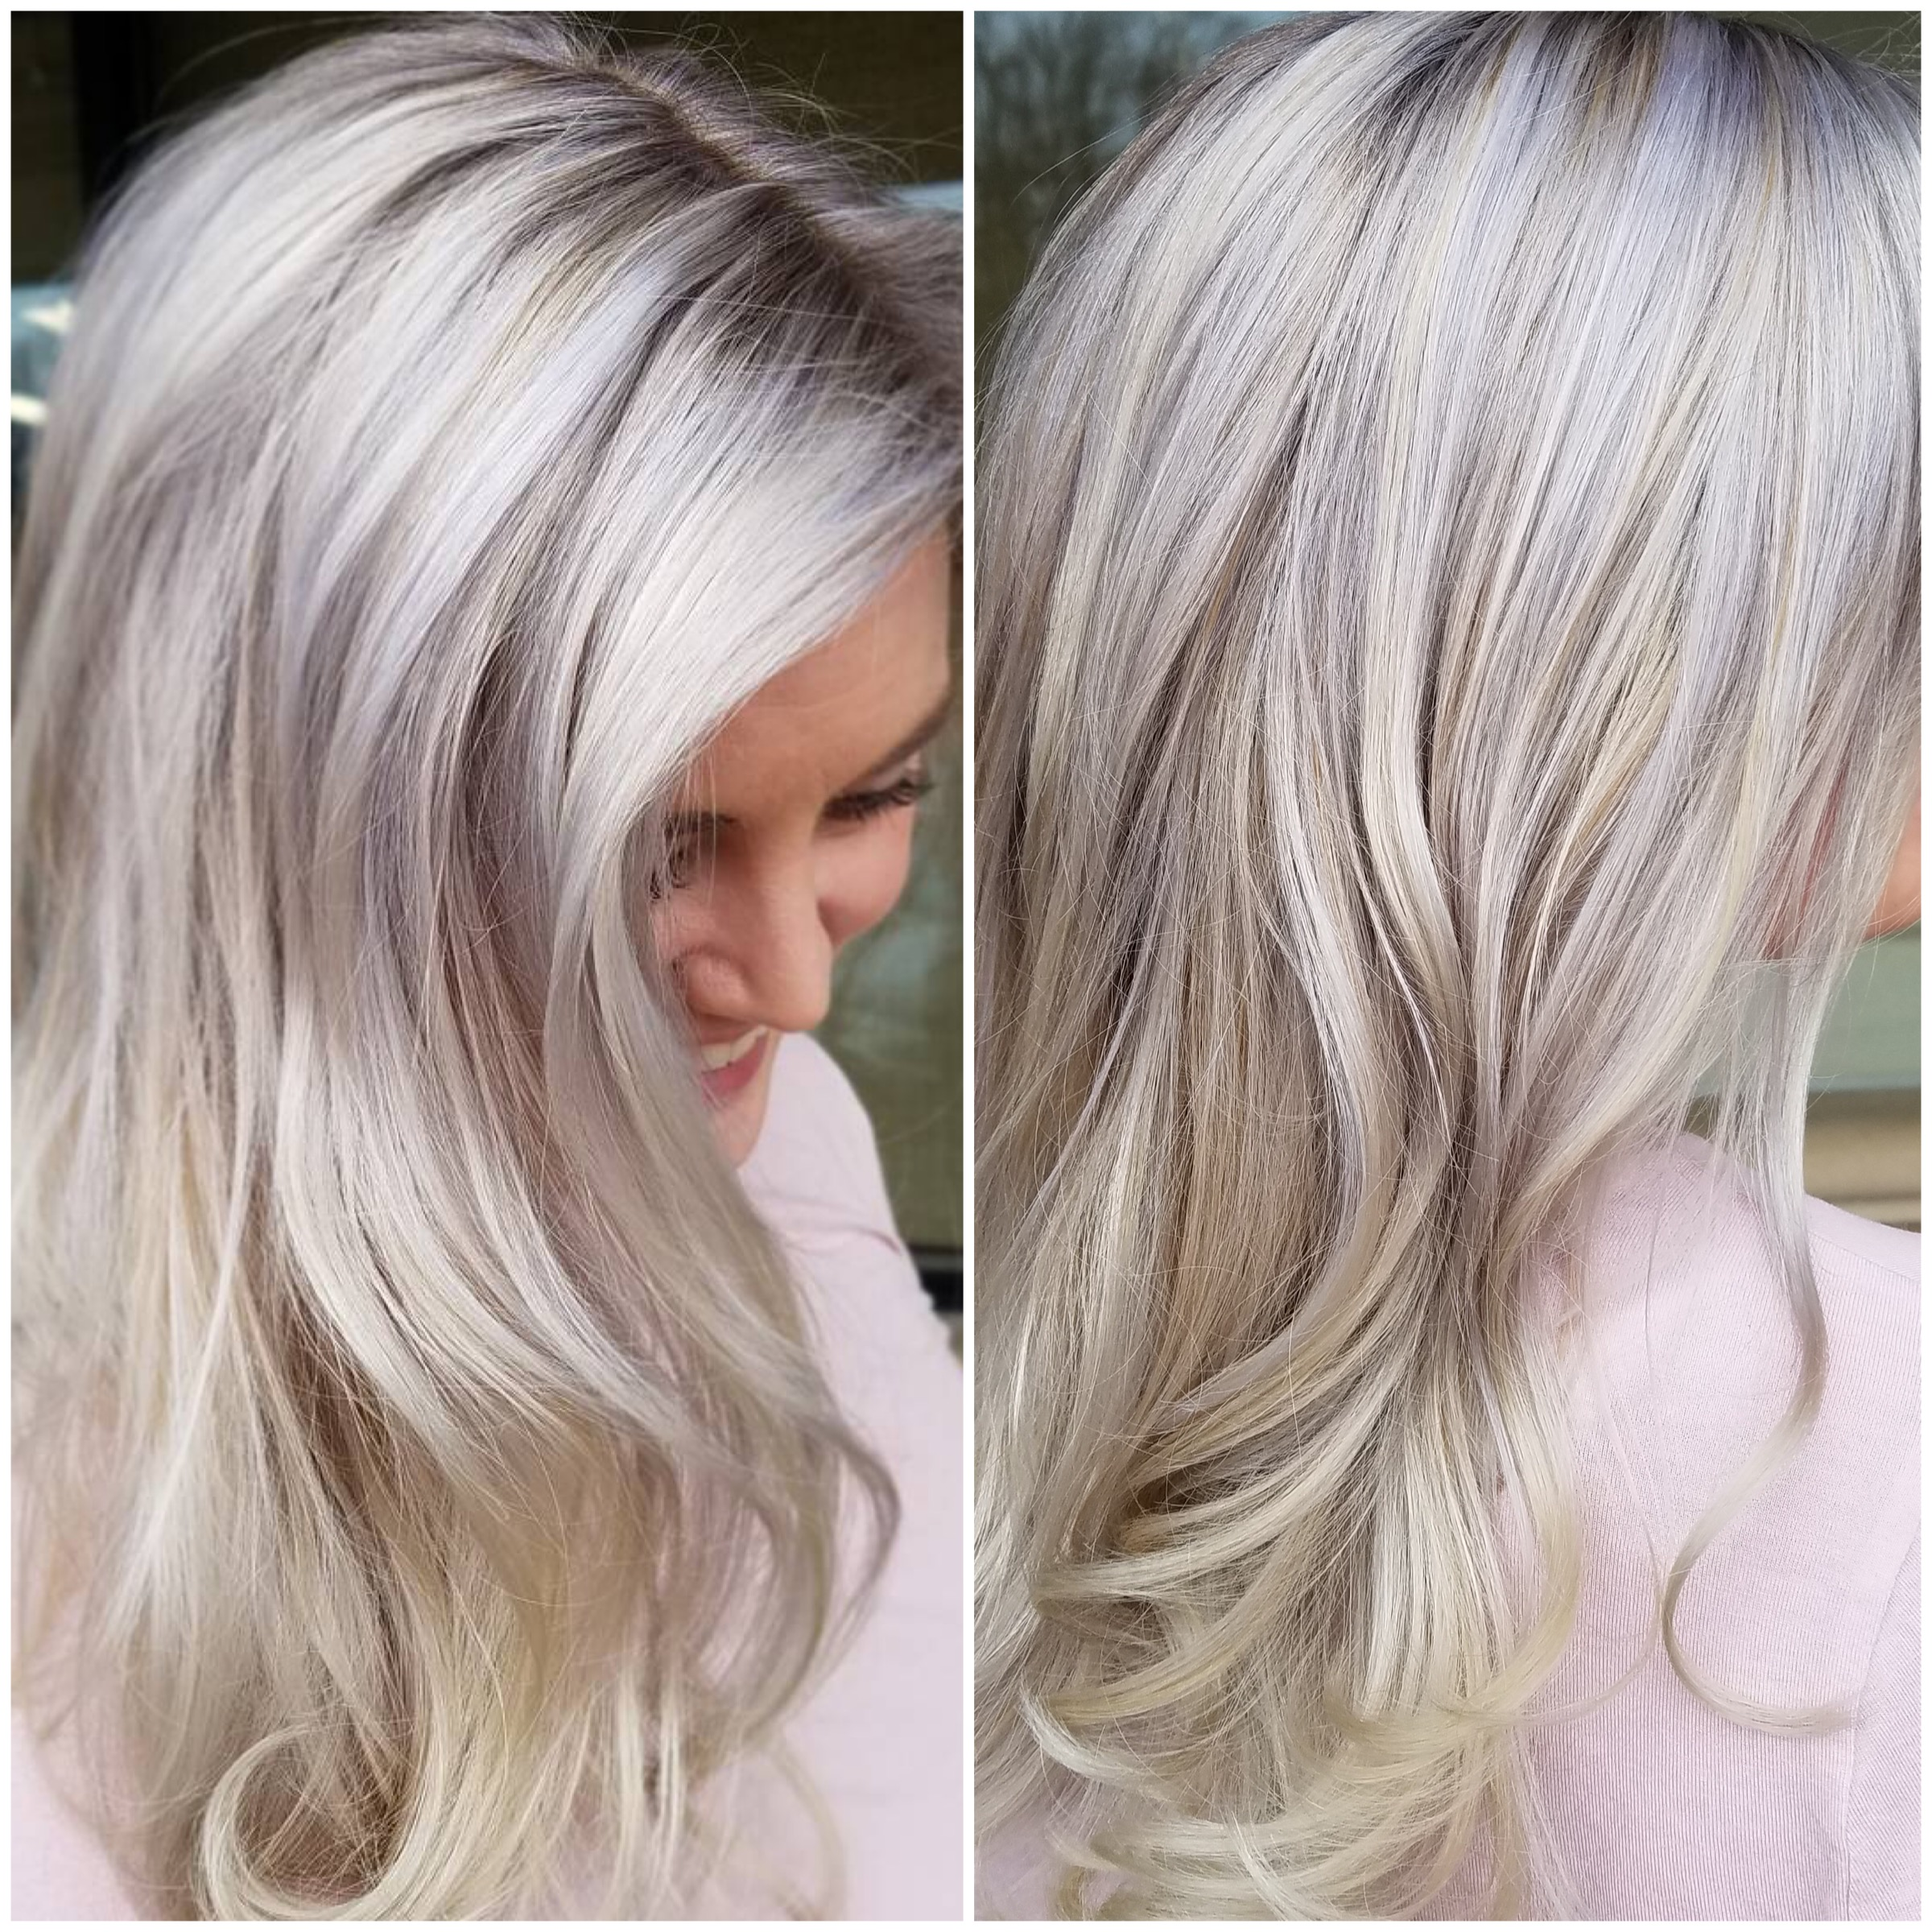 Brightening Up - Going Super Blonde